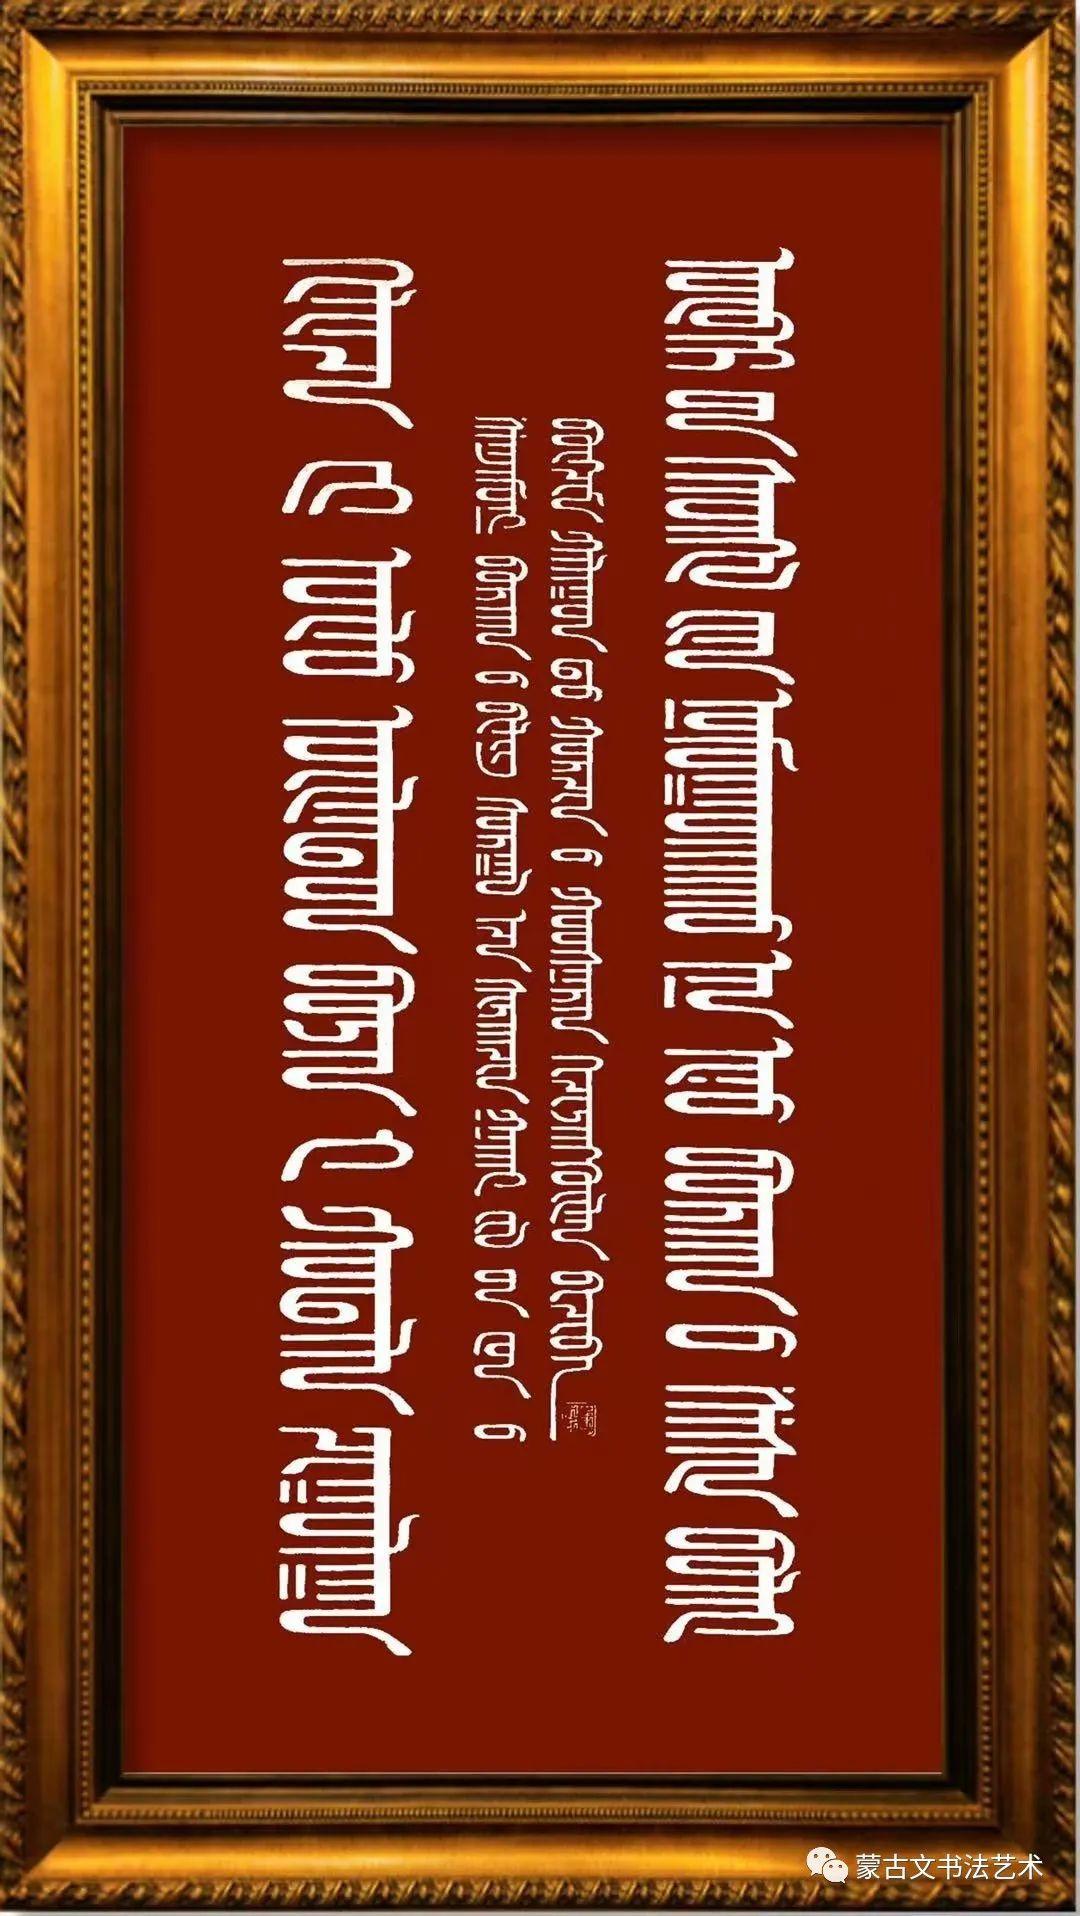 好斯那拉书法作品欣赏 第2张 好斯那拉书法作品欣赏 蒙古书法